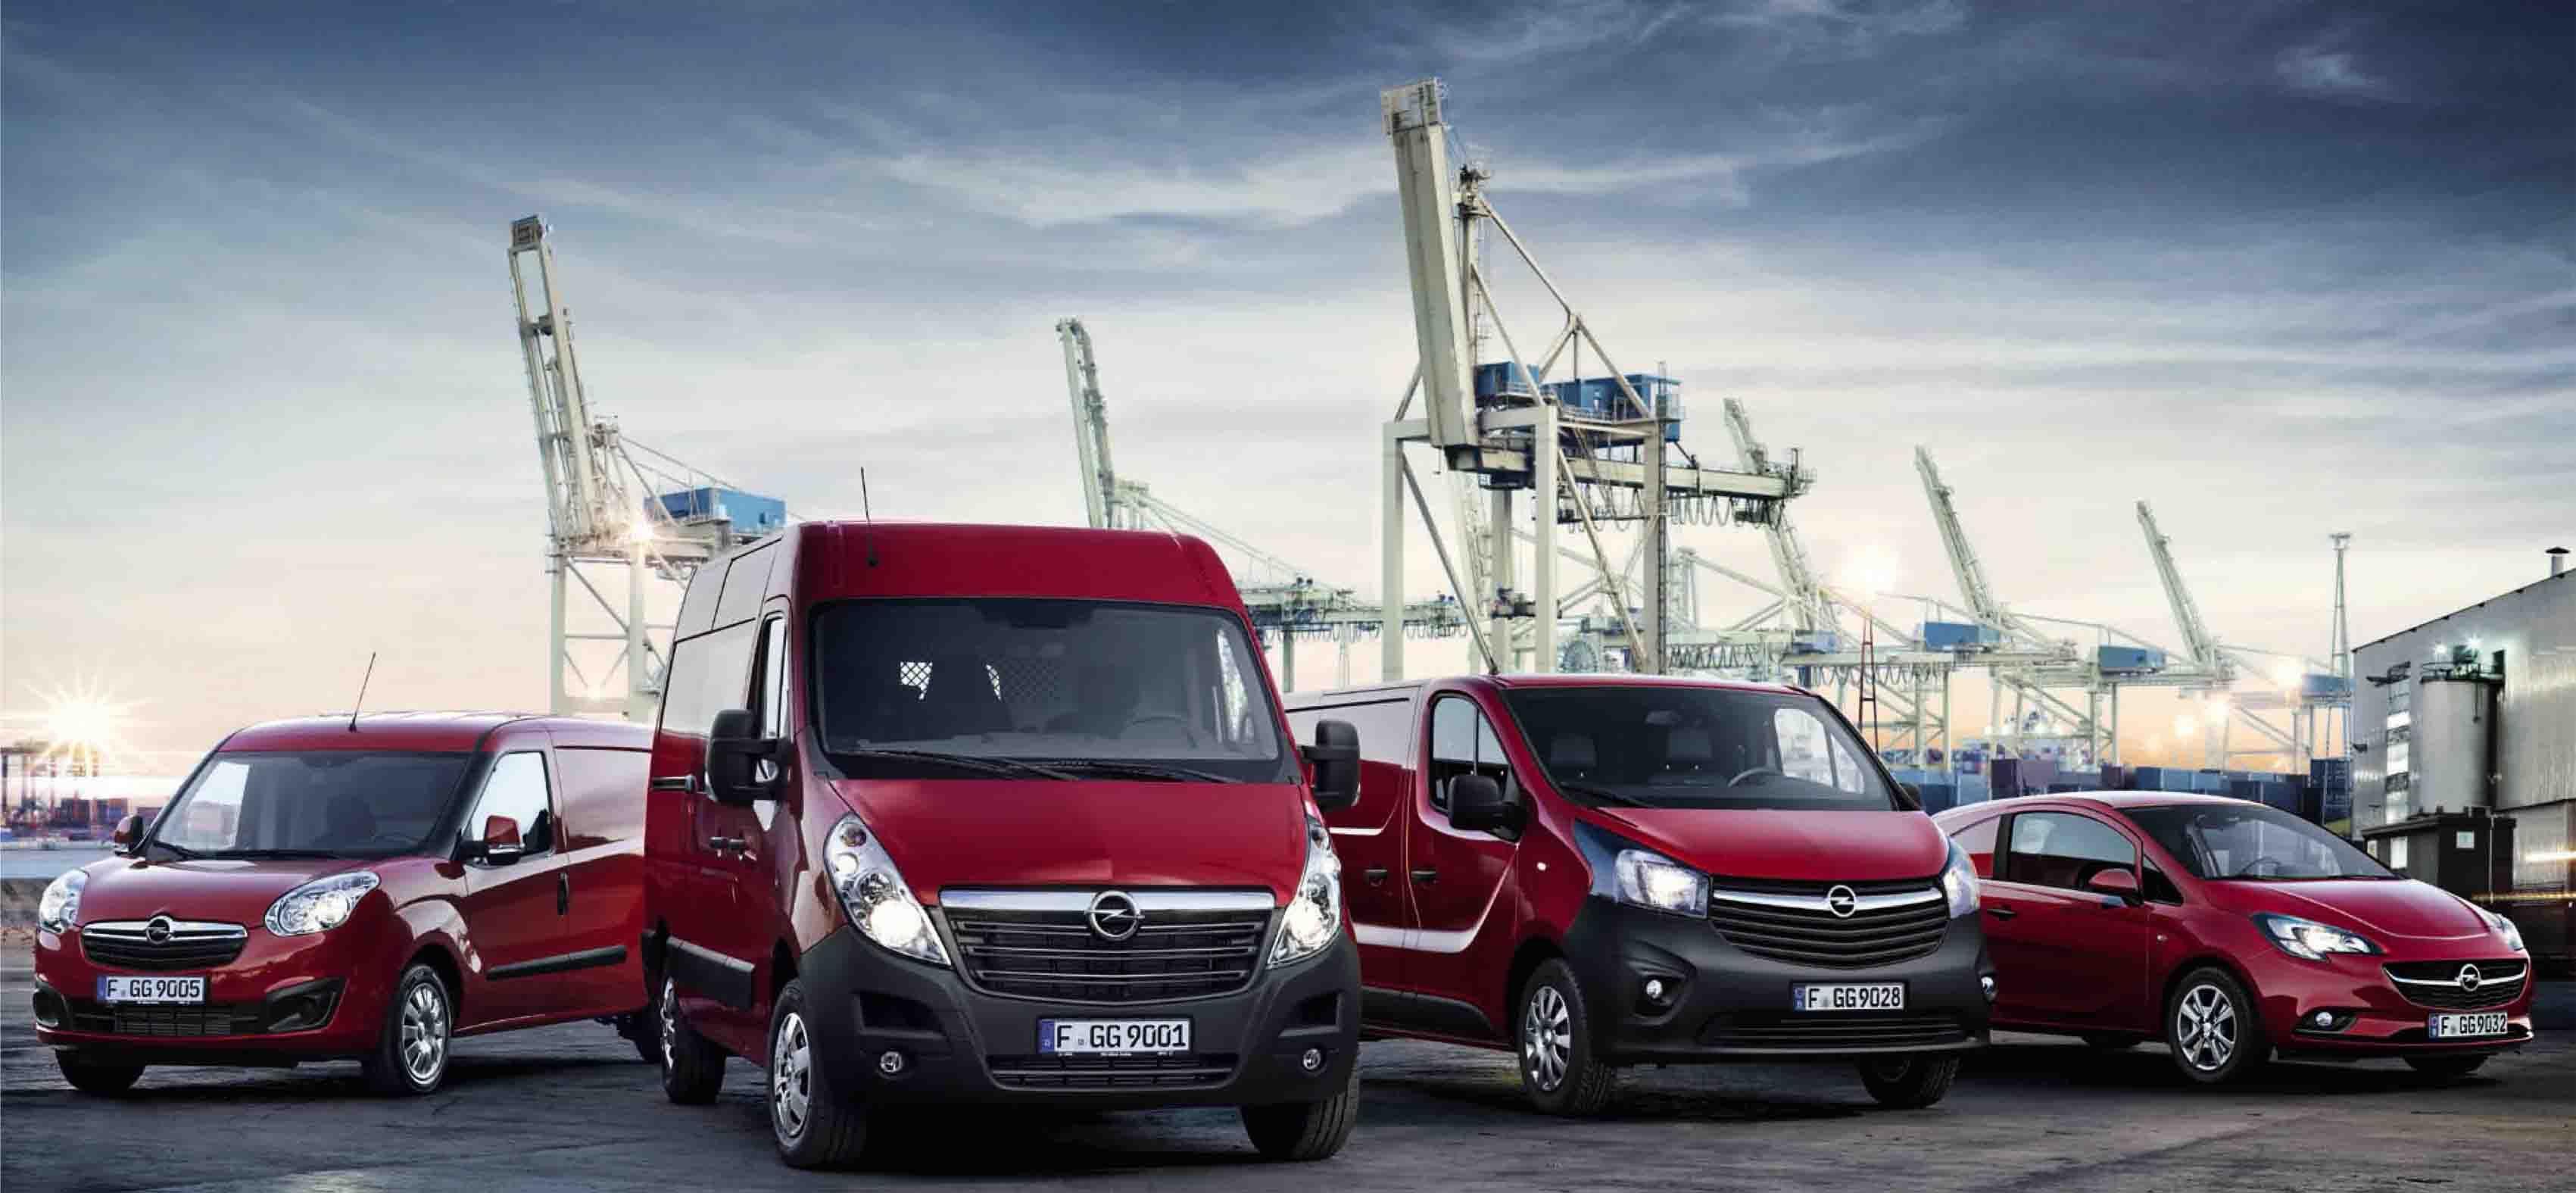 La mejor solución para tu negocio. Vehículos comerciales Opel.